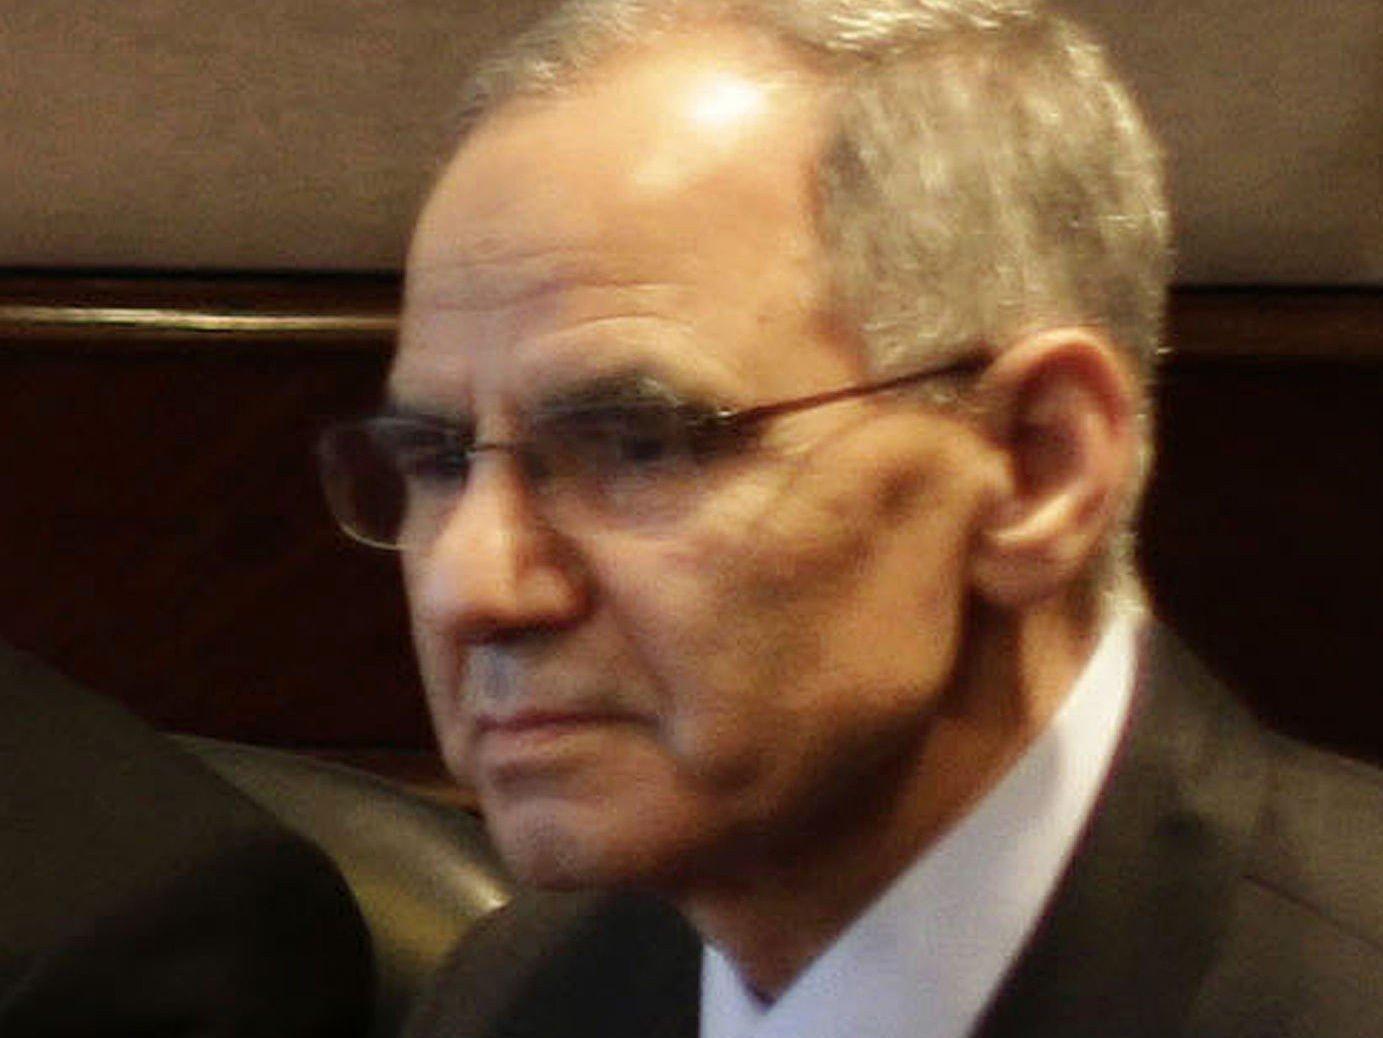 Mohammed Ali Bishr beskyldes for å spionere for Norge og USA.